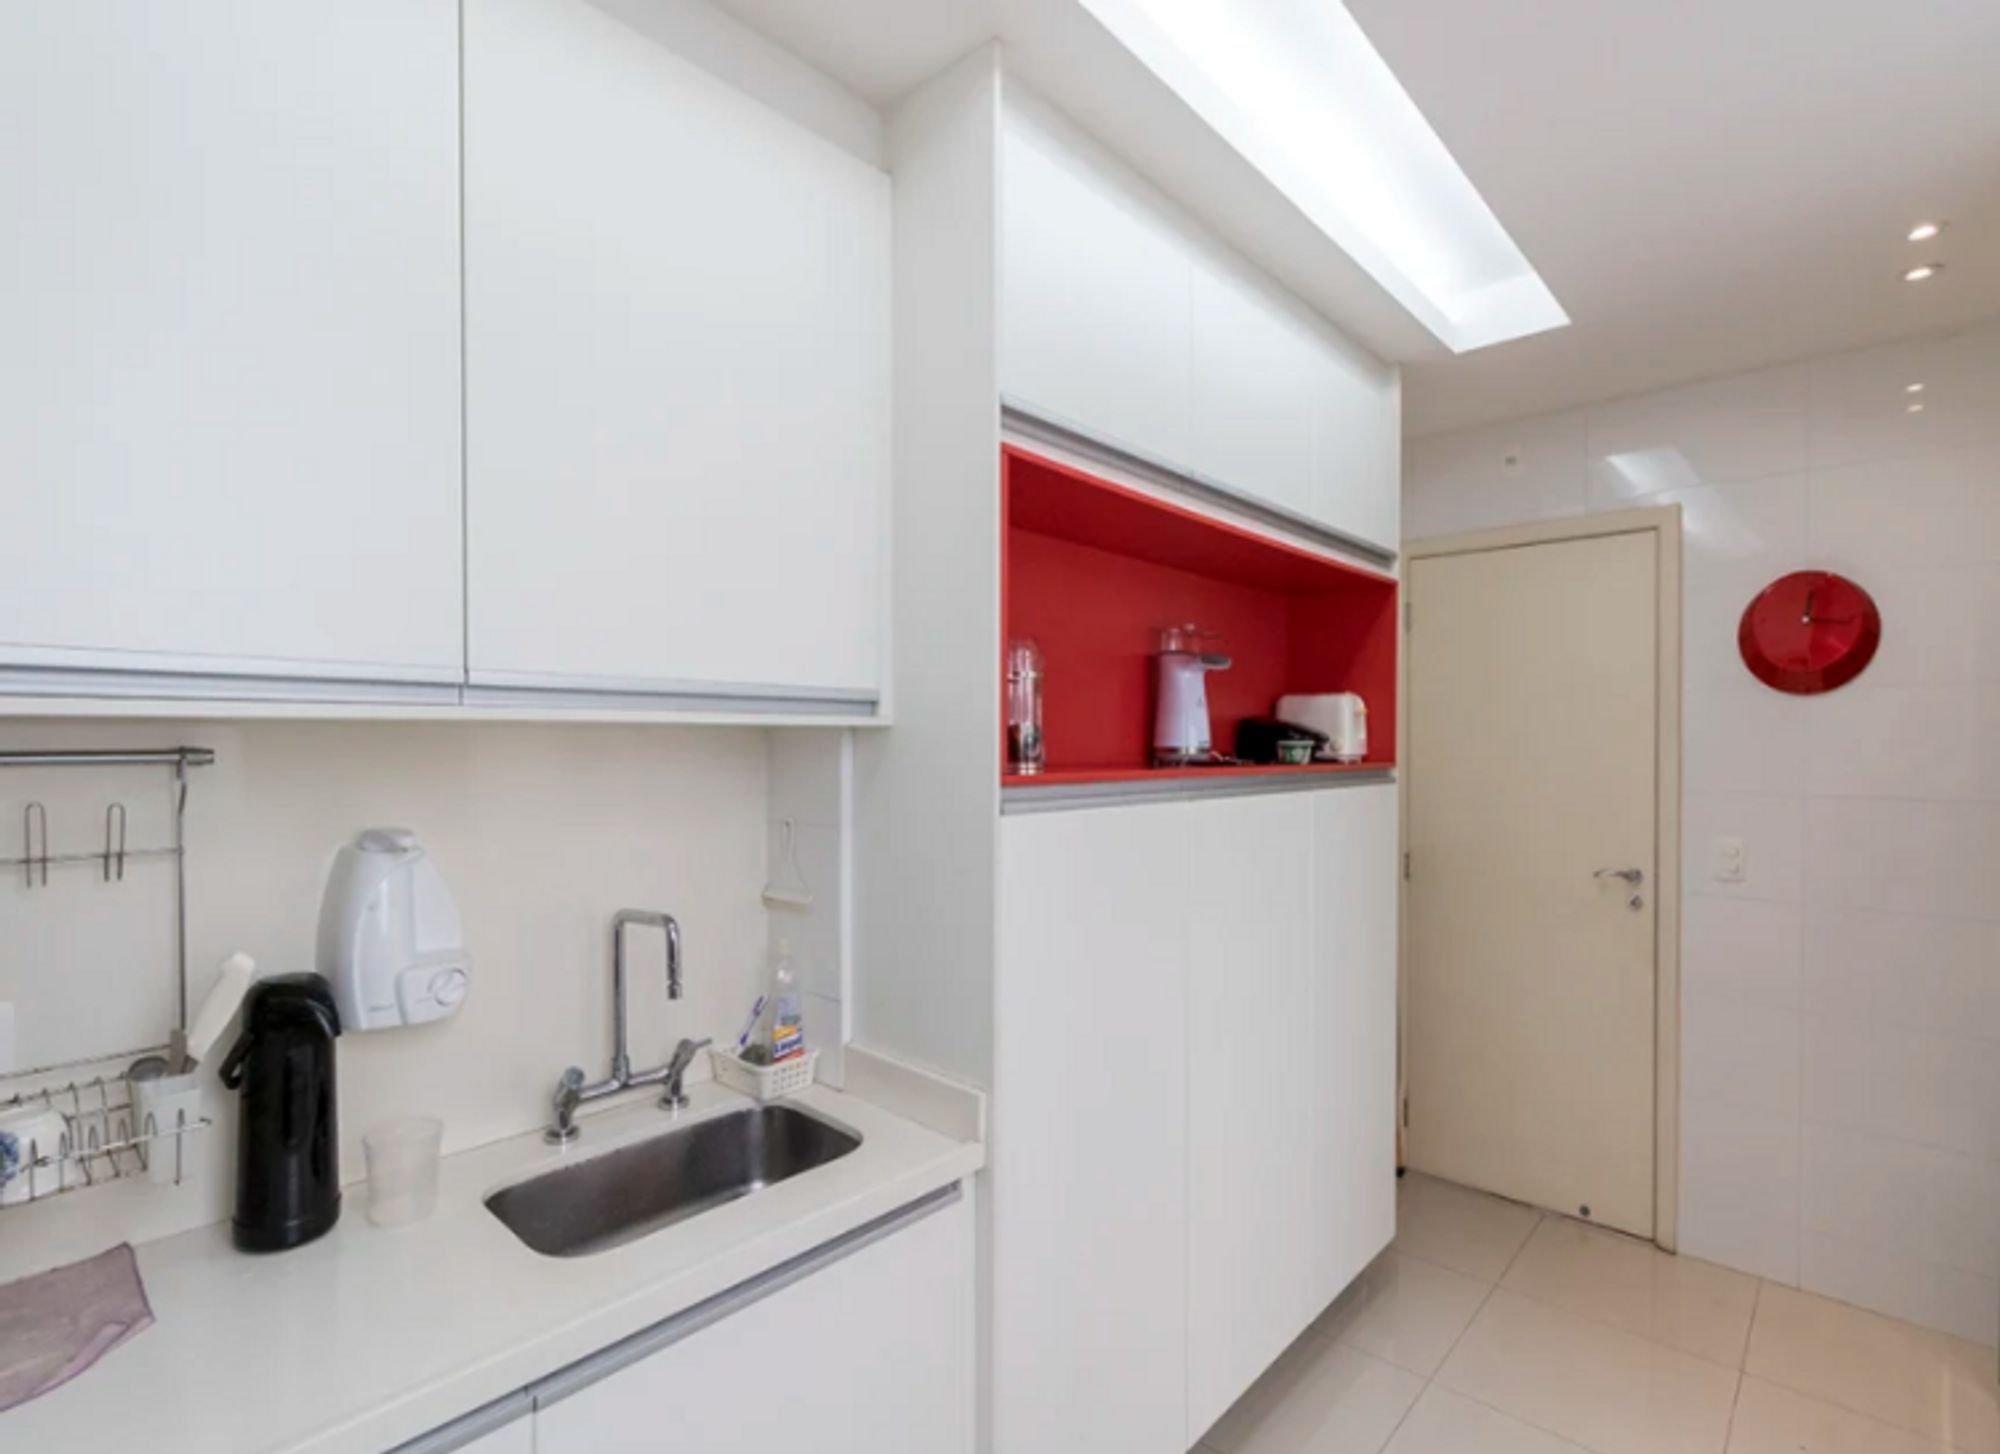 Foto de Cozinha com pia, relógio, xícara